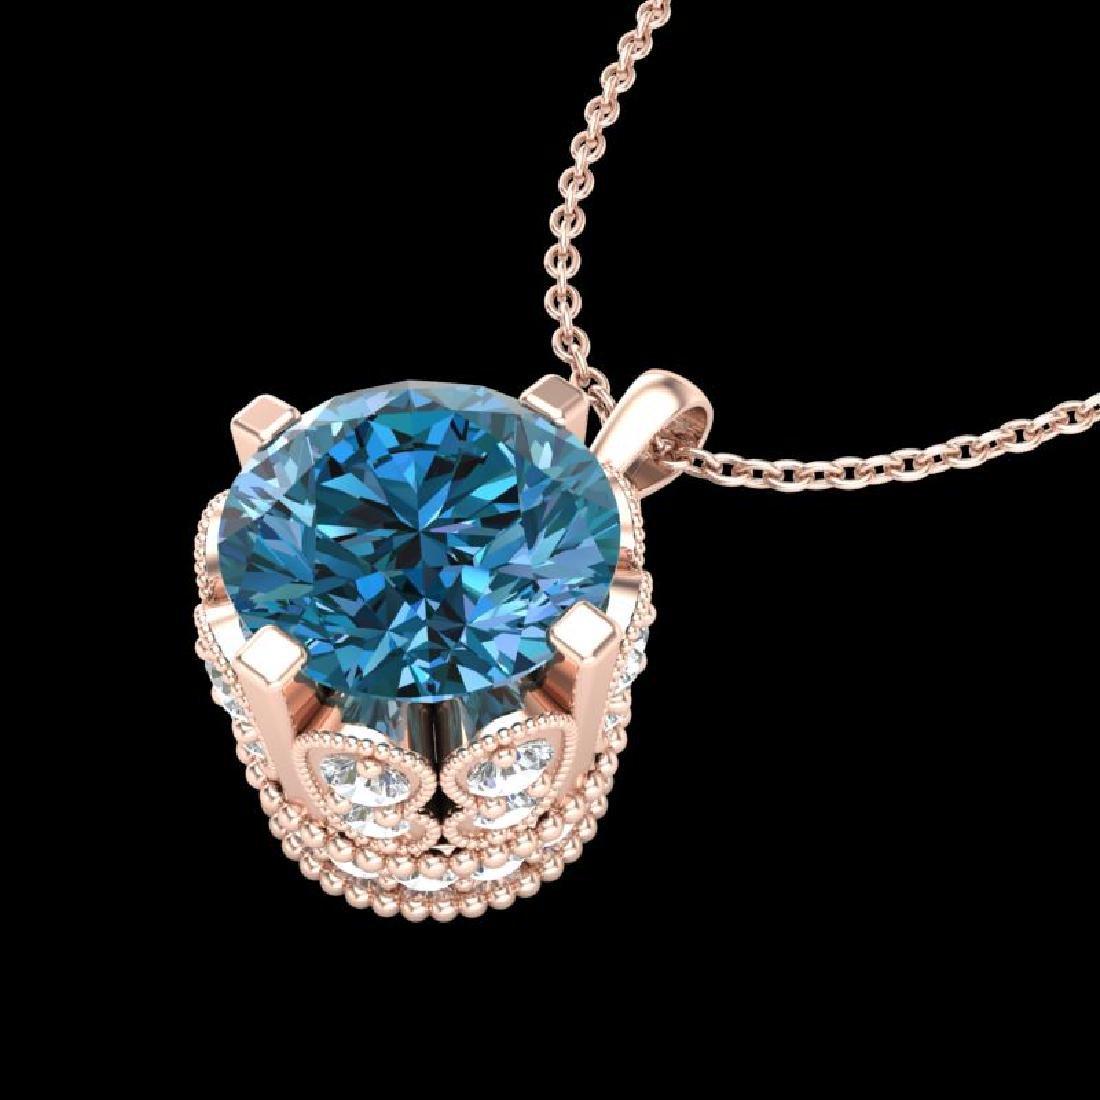 1.5 CTW Fancy Intense Blue Diamond Solitaire Art Deco - 2